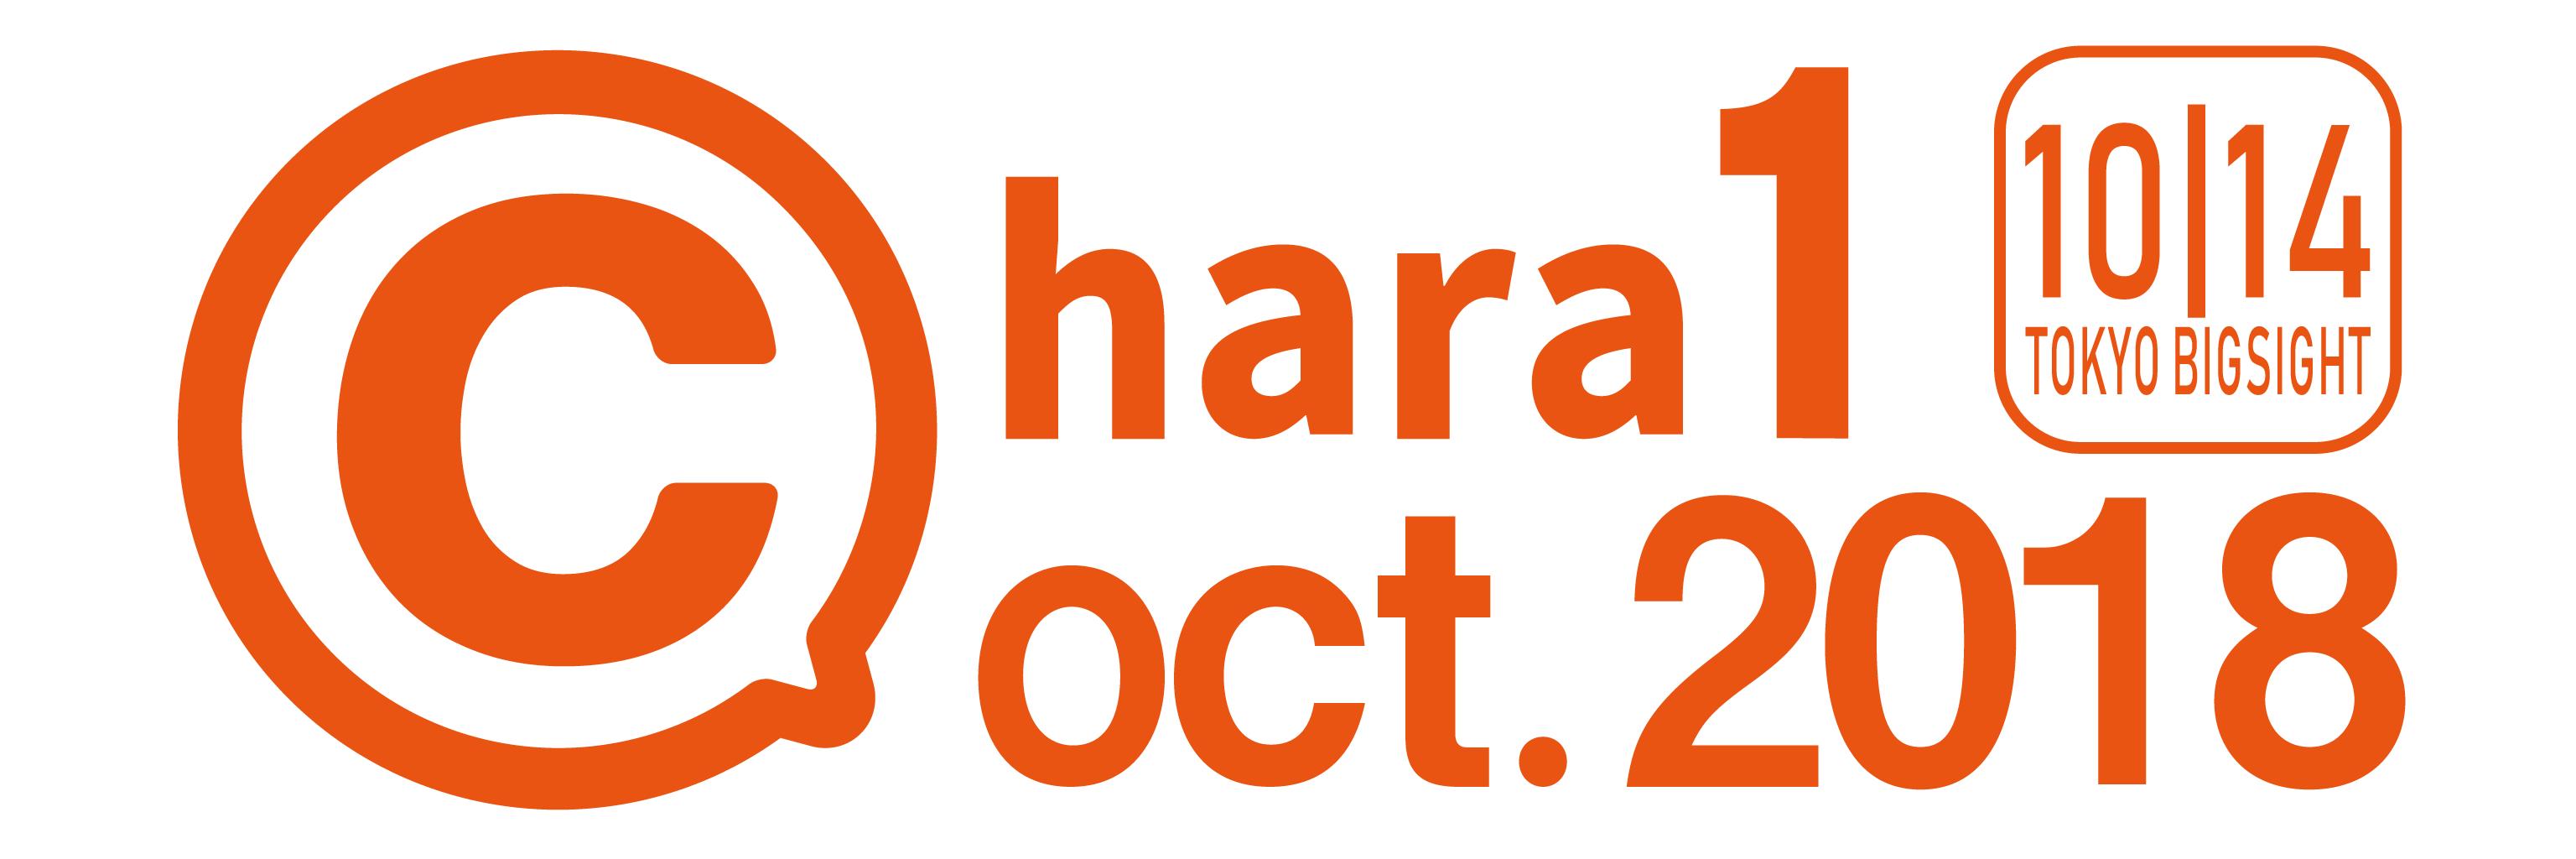 chara1 oct.2018